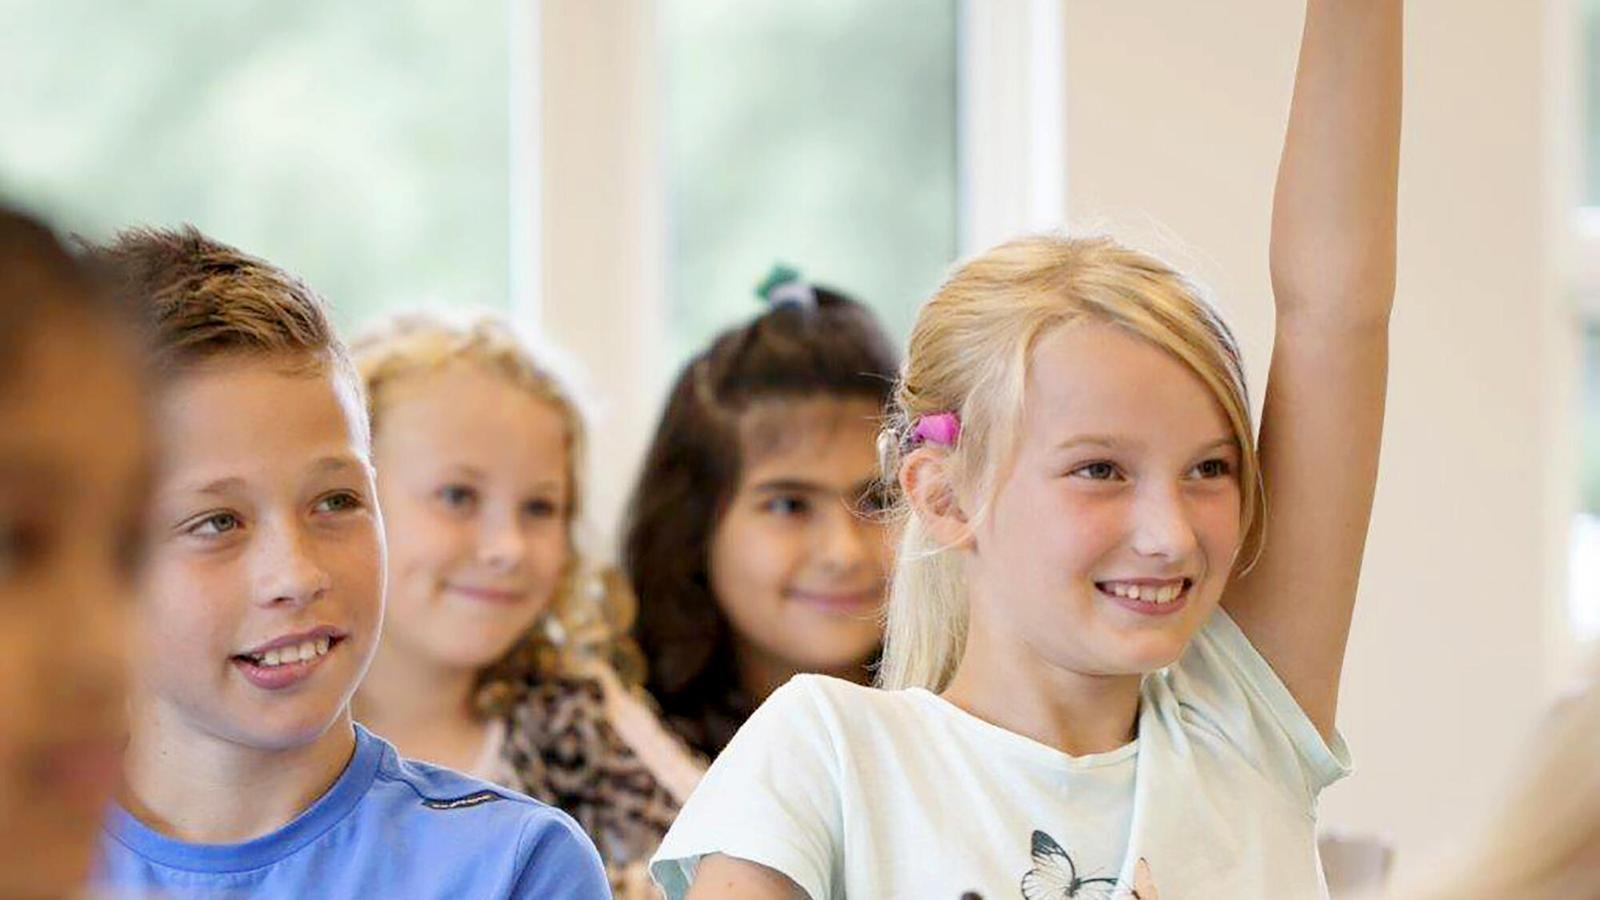 Mädchen mit Baha SoundArc meldet sich im Unterricht